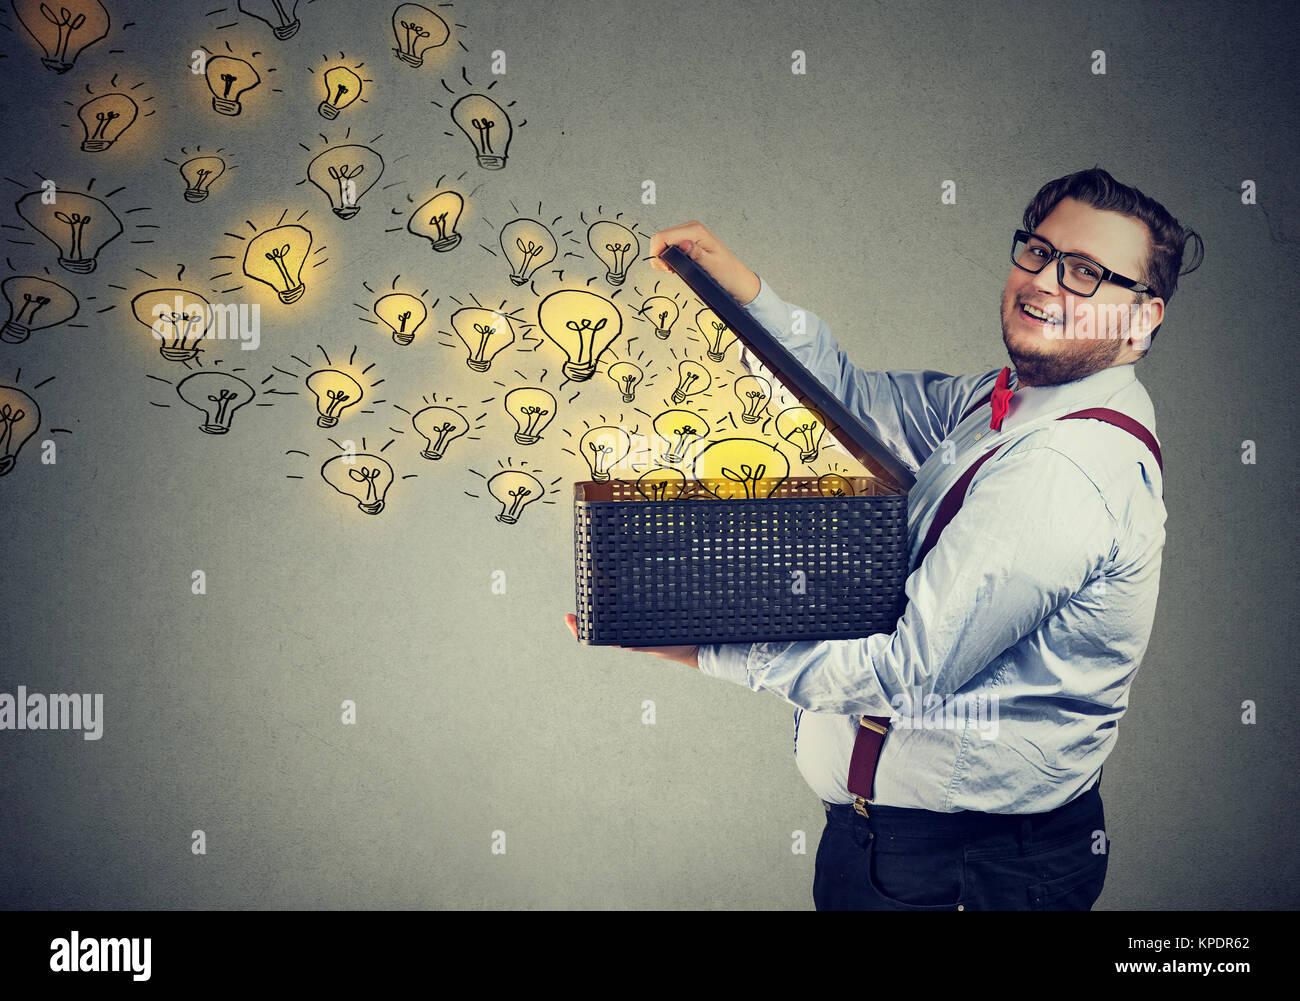 Vista lateral del robusto hombre sujetando la caja con ideas brillantes bein creativa y sonriendo ante la cámara. Imagen De Stock